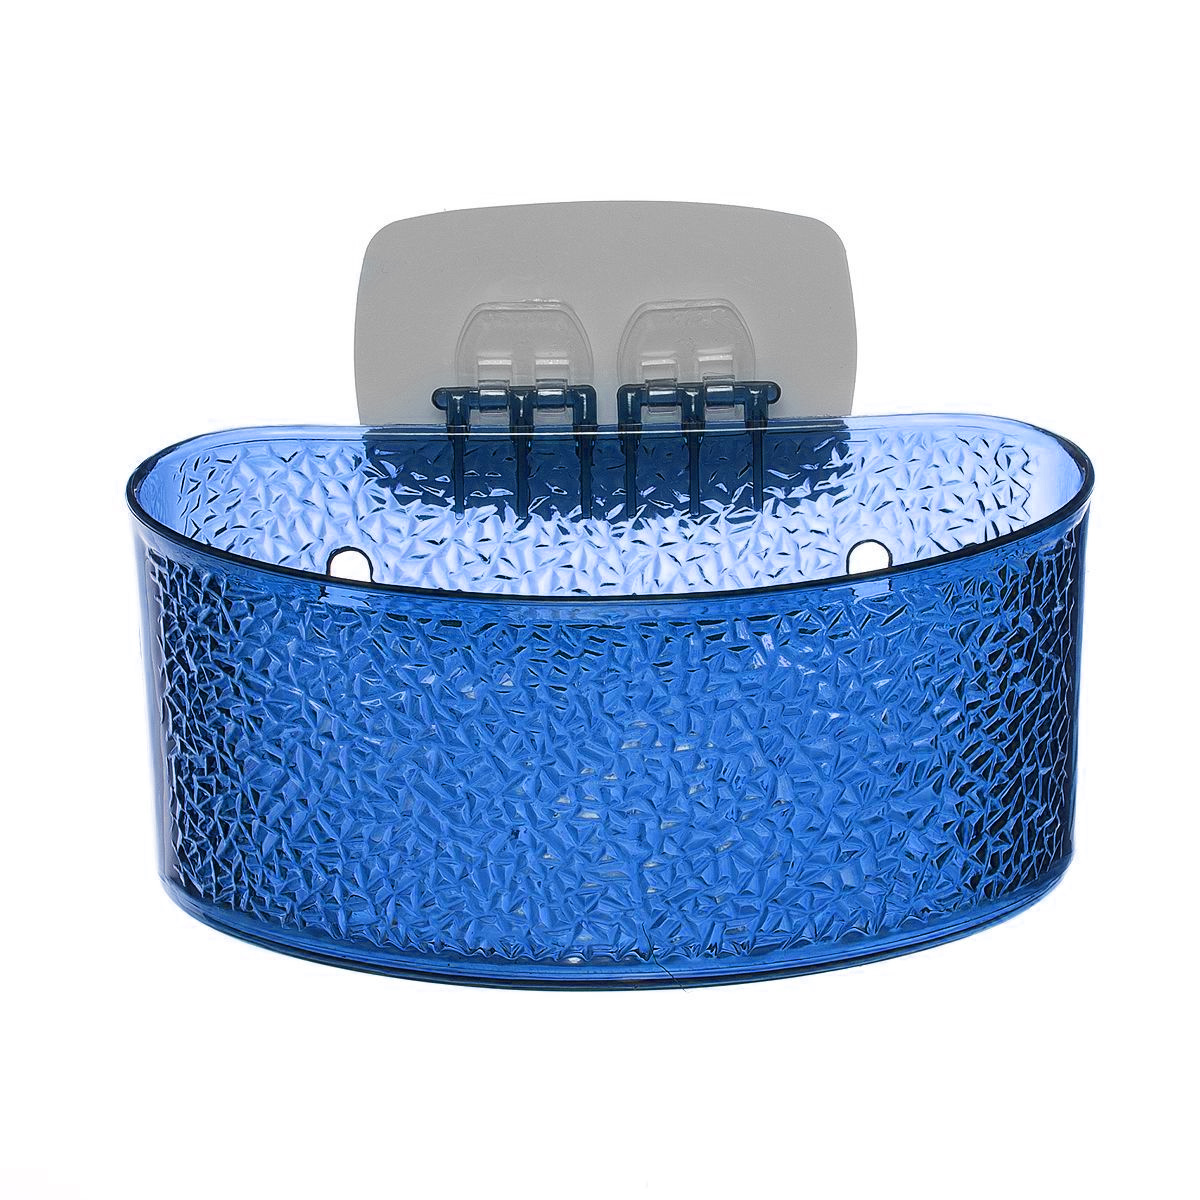 Полка для ванной комнаты Fresh Code, на липкой основе, цвет: синий, 19 х 10 х 10 смNN-605-LS-WПолка для ванной комнаты Fresh Code выполнена из ABS пластика. Крепление на липкой основе многократного использования идеально подходит для гладкой поверхности. Полка поможет создать настроение вашей ванной комнаты. Подходит для всех типов гладких поверхностей. Максимальная нагрузка 3 кг.